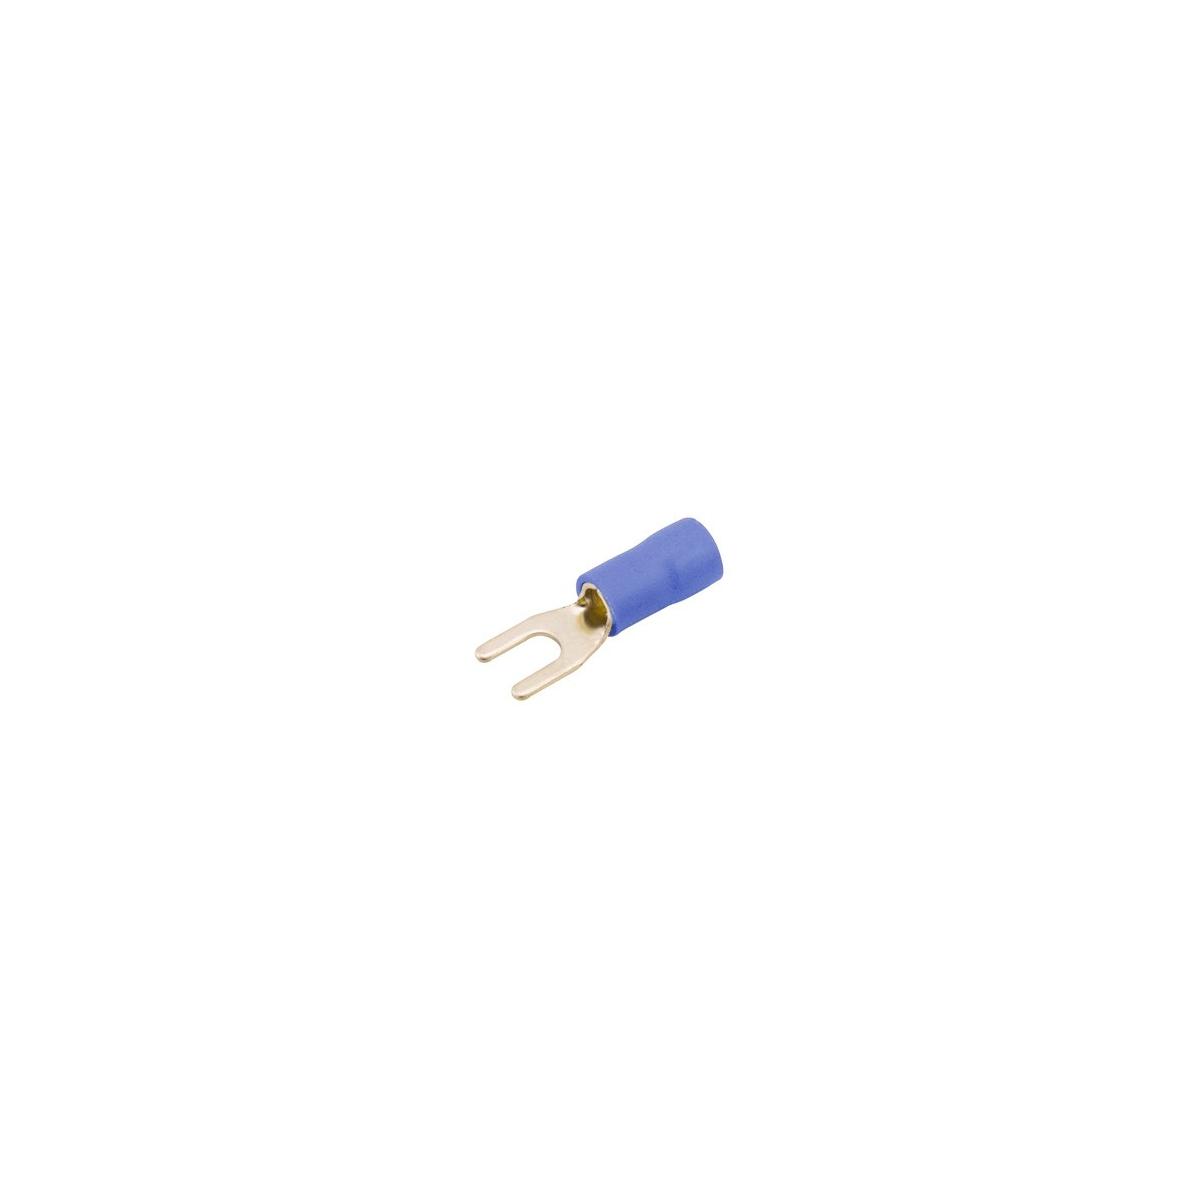 TERMINAL FORQUILHA - AZ - 3MM - BS41653 SF-